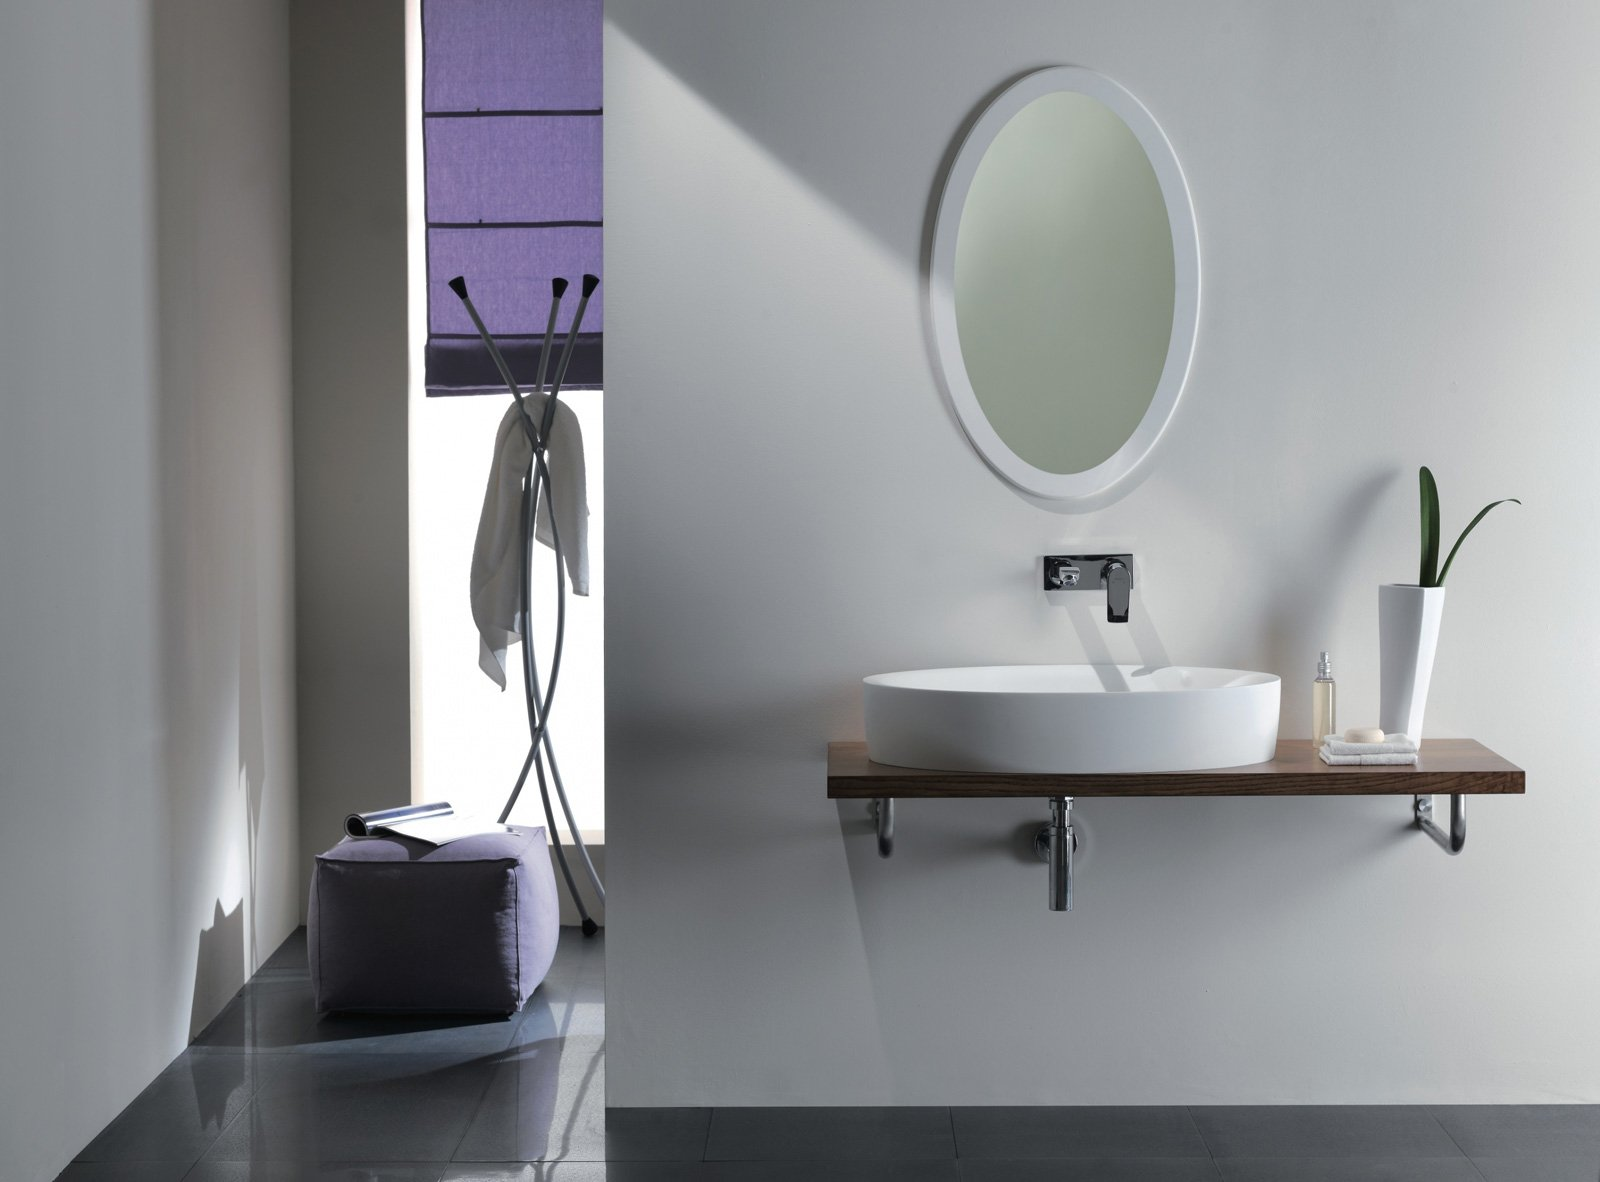 Specchi sopra il lavabo cose di casa - Specchio ovale ikea ...